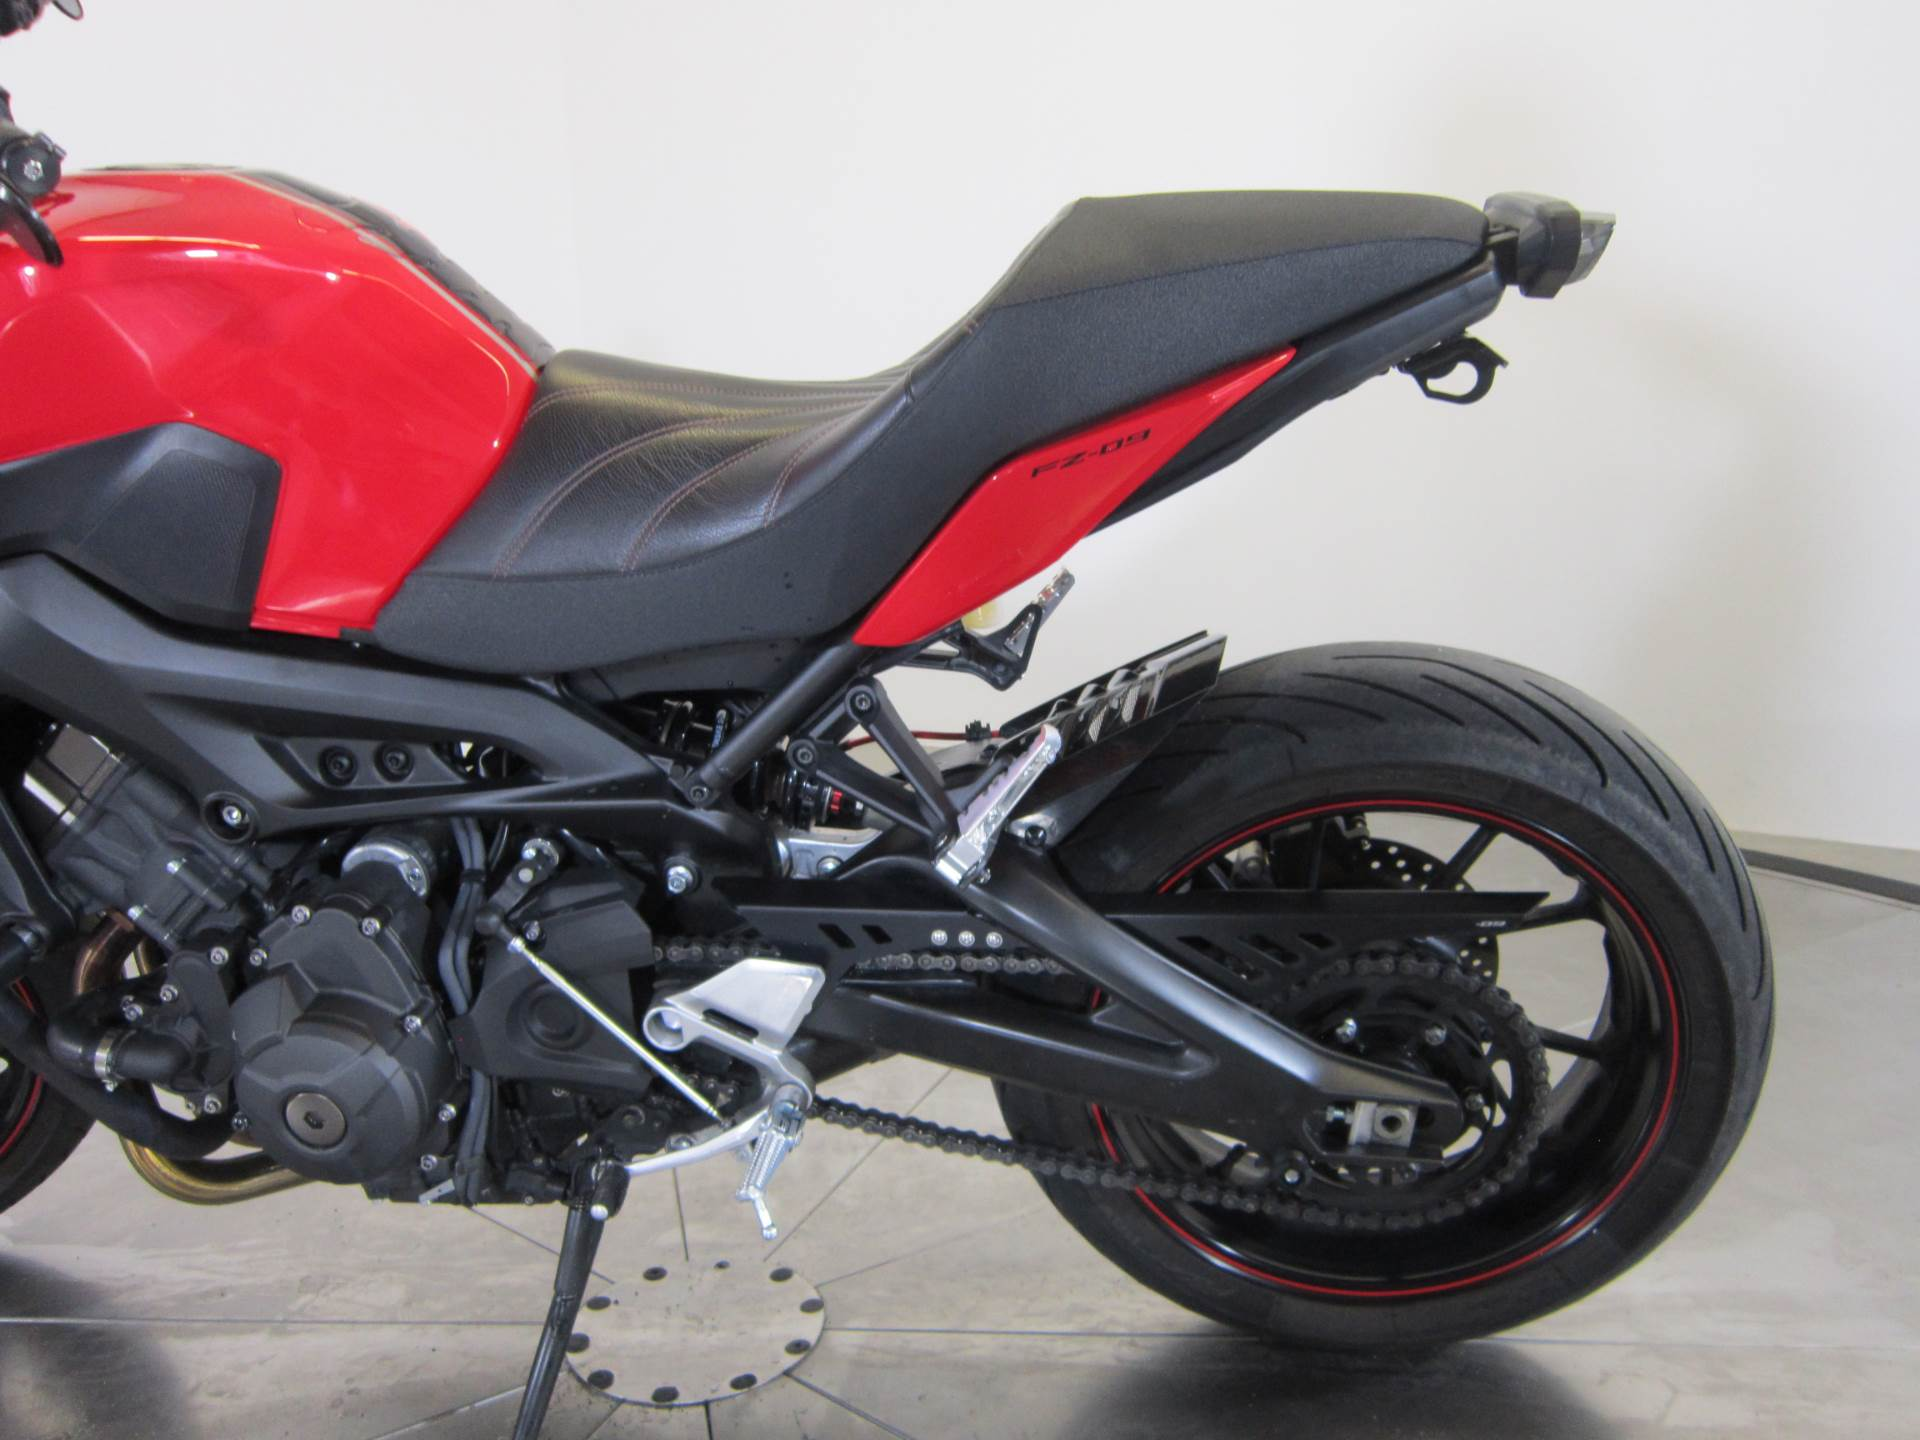 2014 Yamaha FZ-09 10